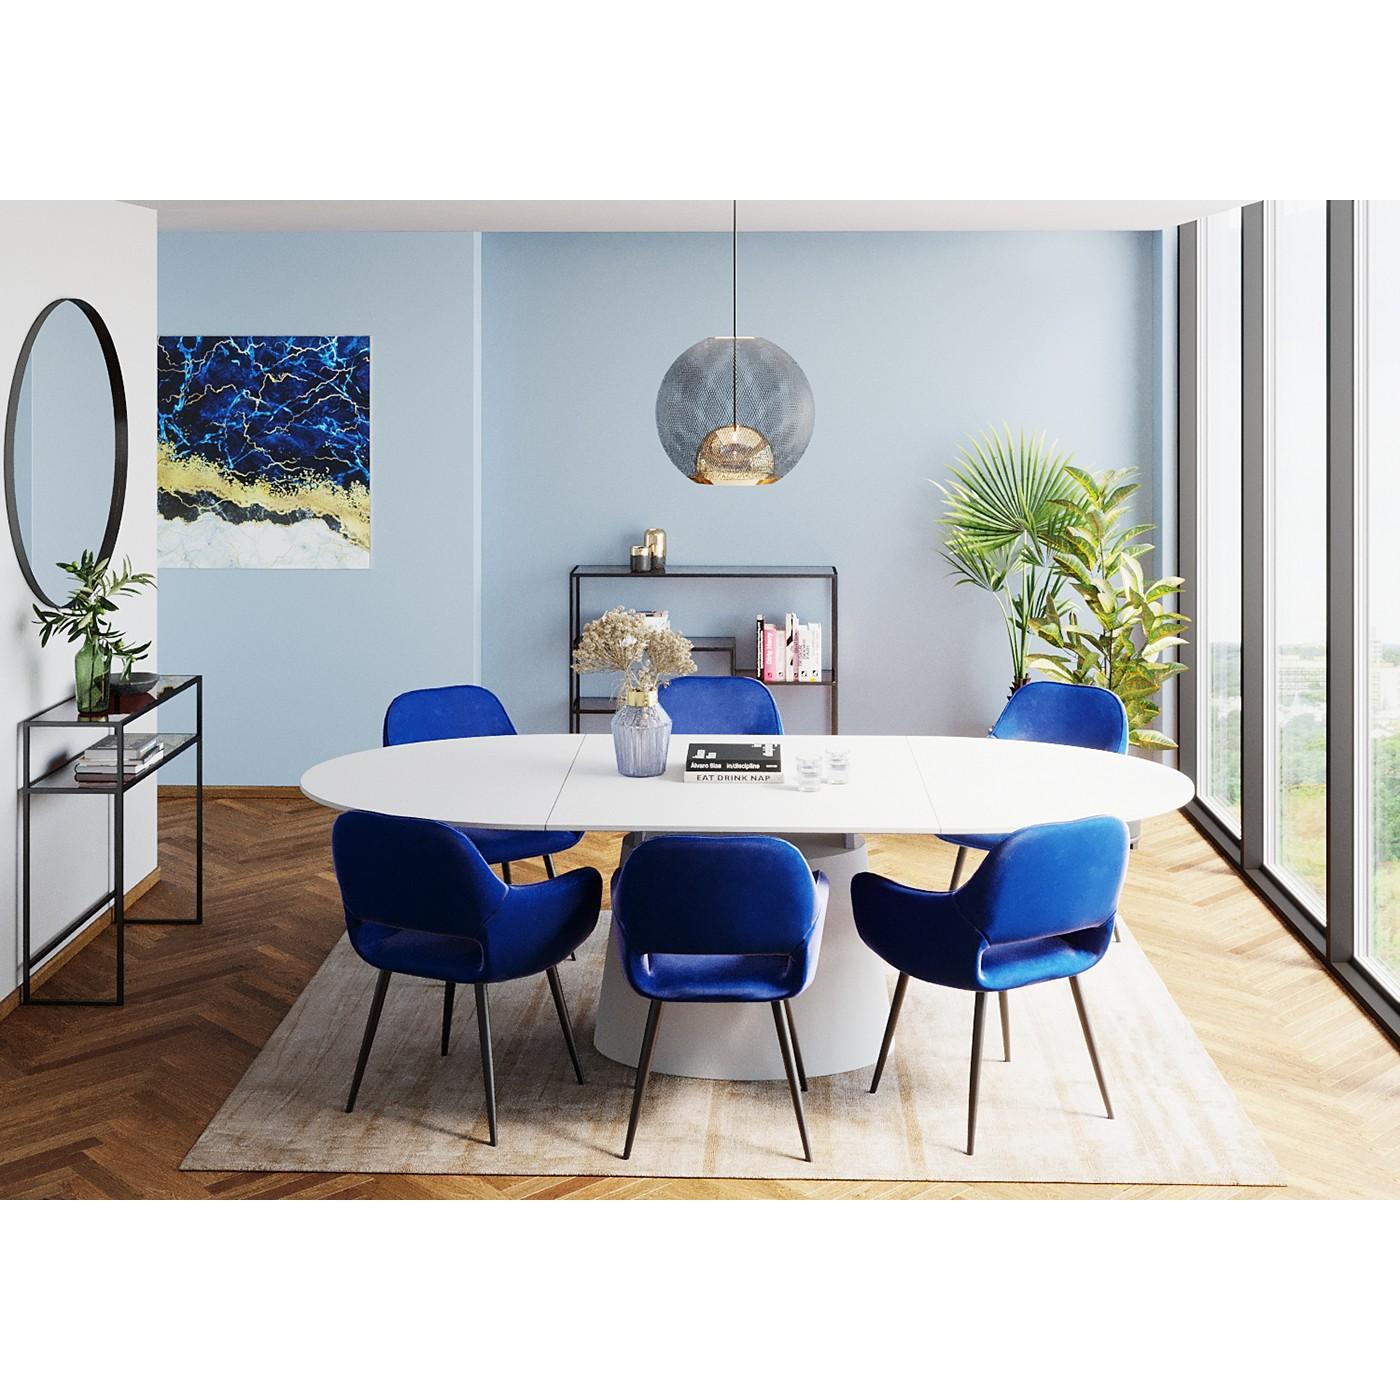 Table à manger 8 personnes extensible blanche L200/250